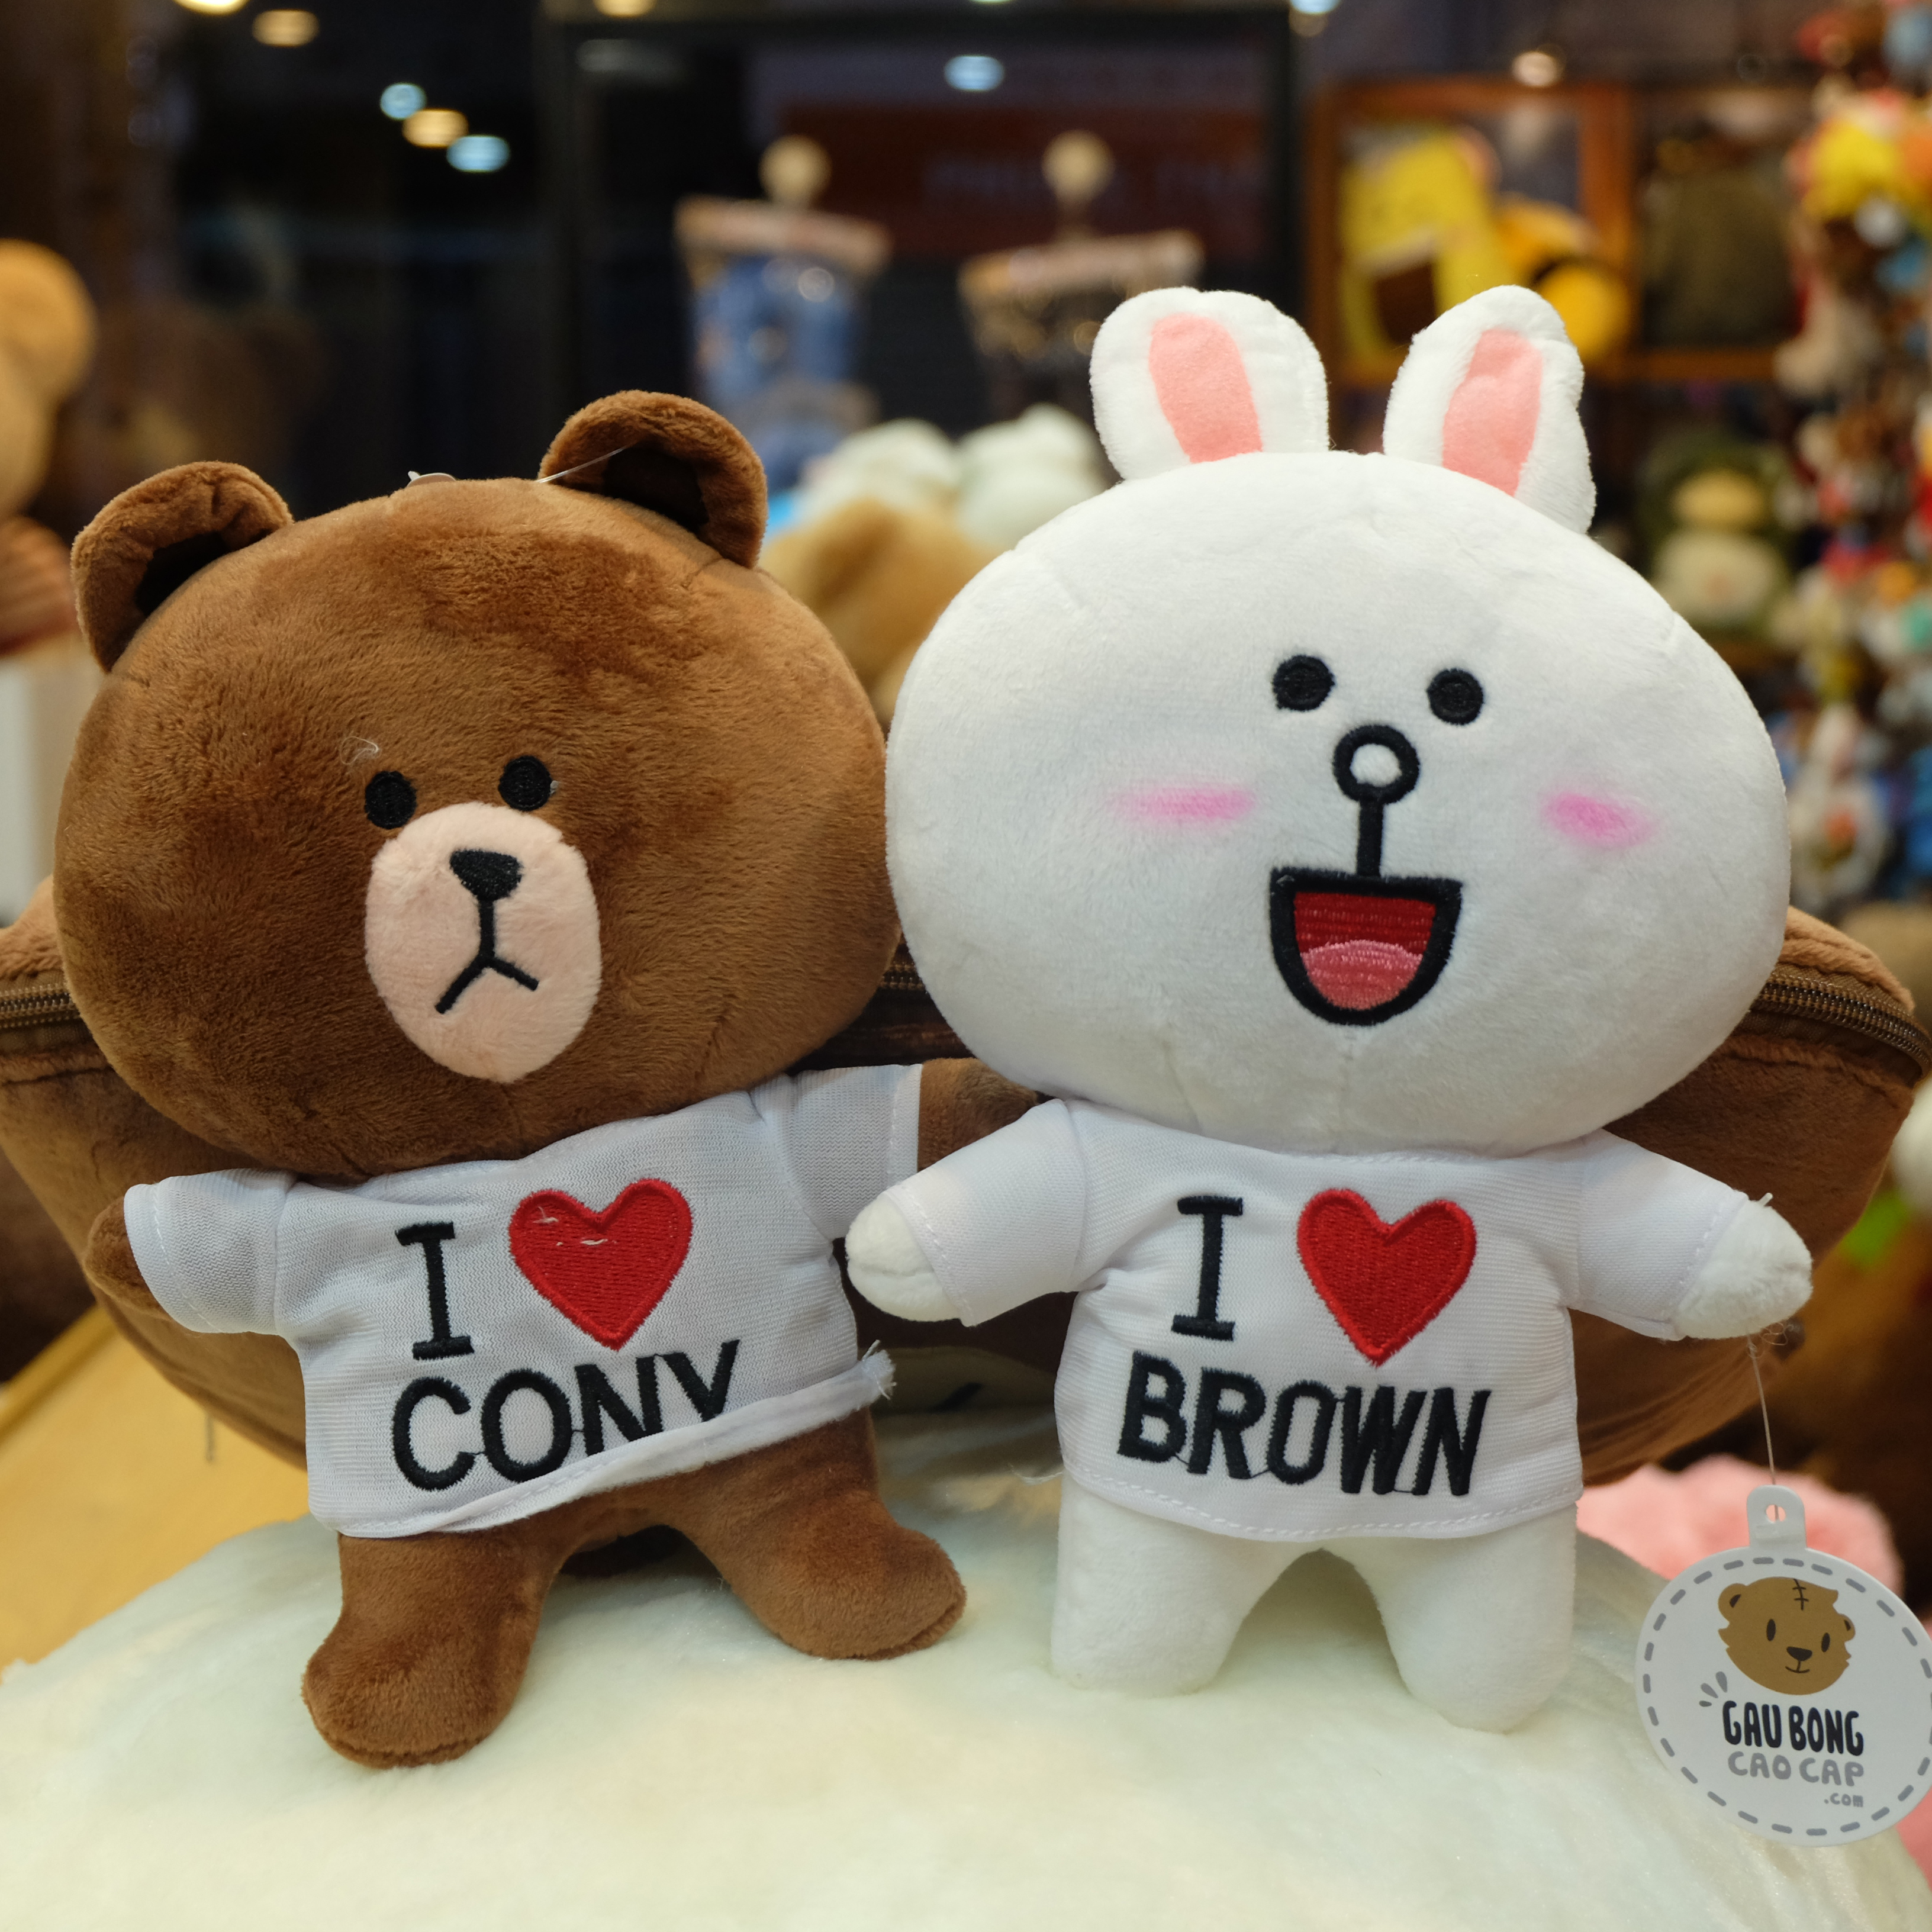 Thỏ bông Cony & Brown mặc áo